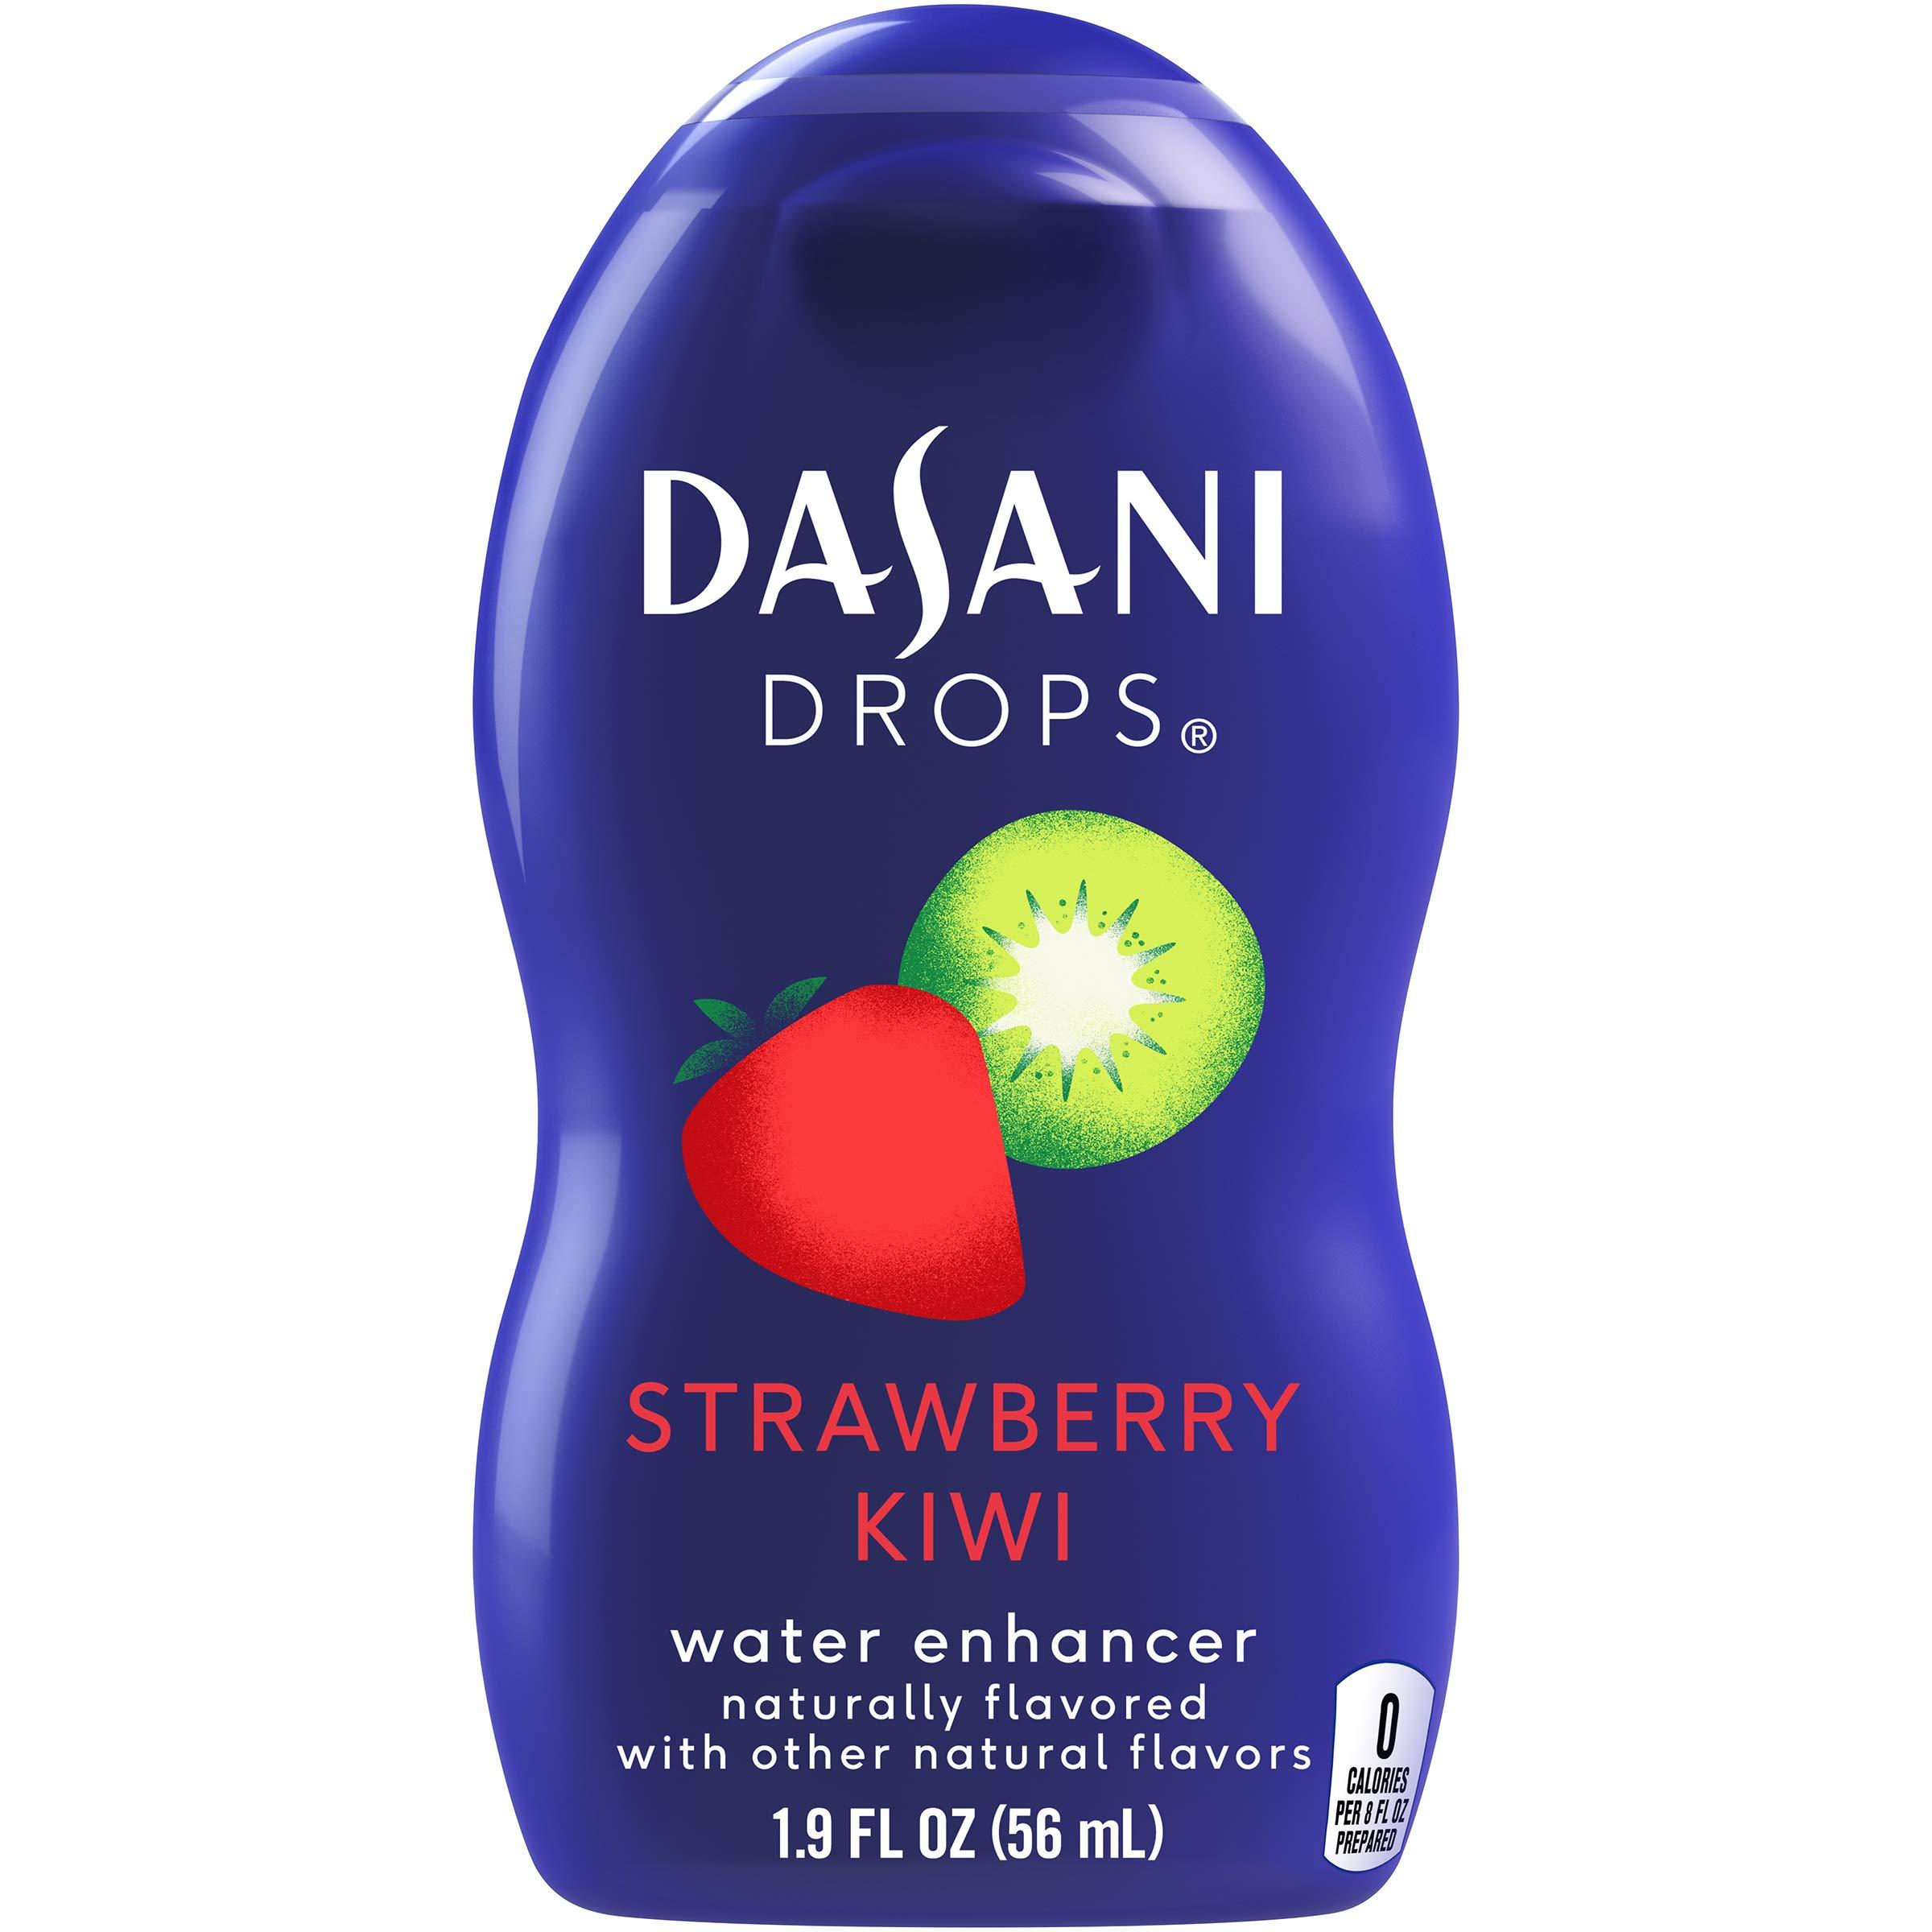 DASANI Drops Strawberry Kiwi Water Flavor Enhancer Drink Mix, 1.9 fl oz (1 bottle) by Dasani